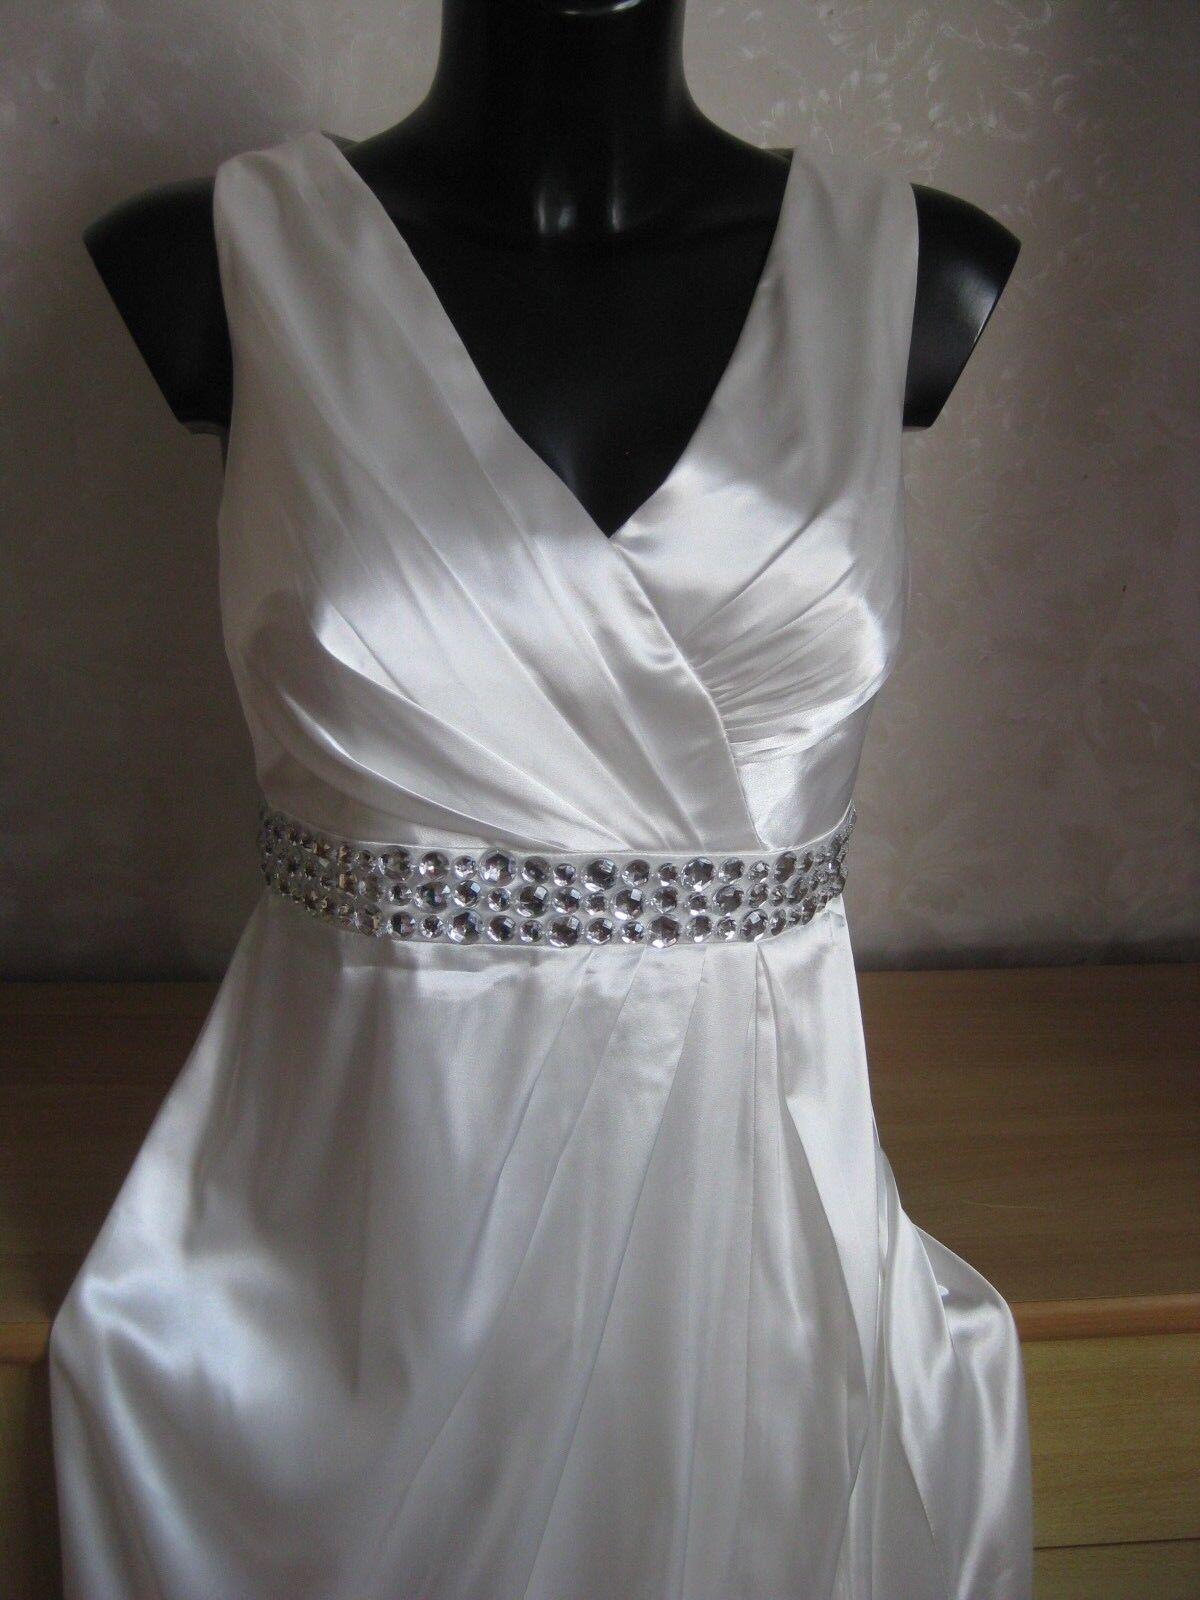 Neu ET  Apart Glamour  Abend-, Hochzeitskleid Gr. 34 Weiß BodenLang Satin Strass